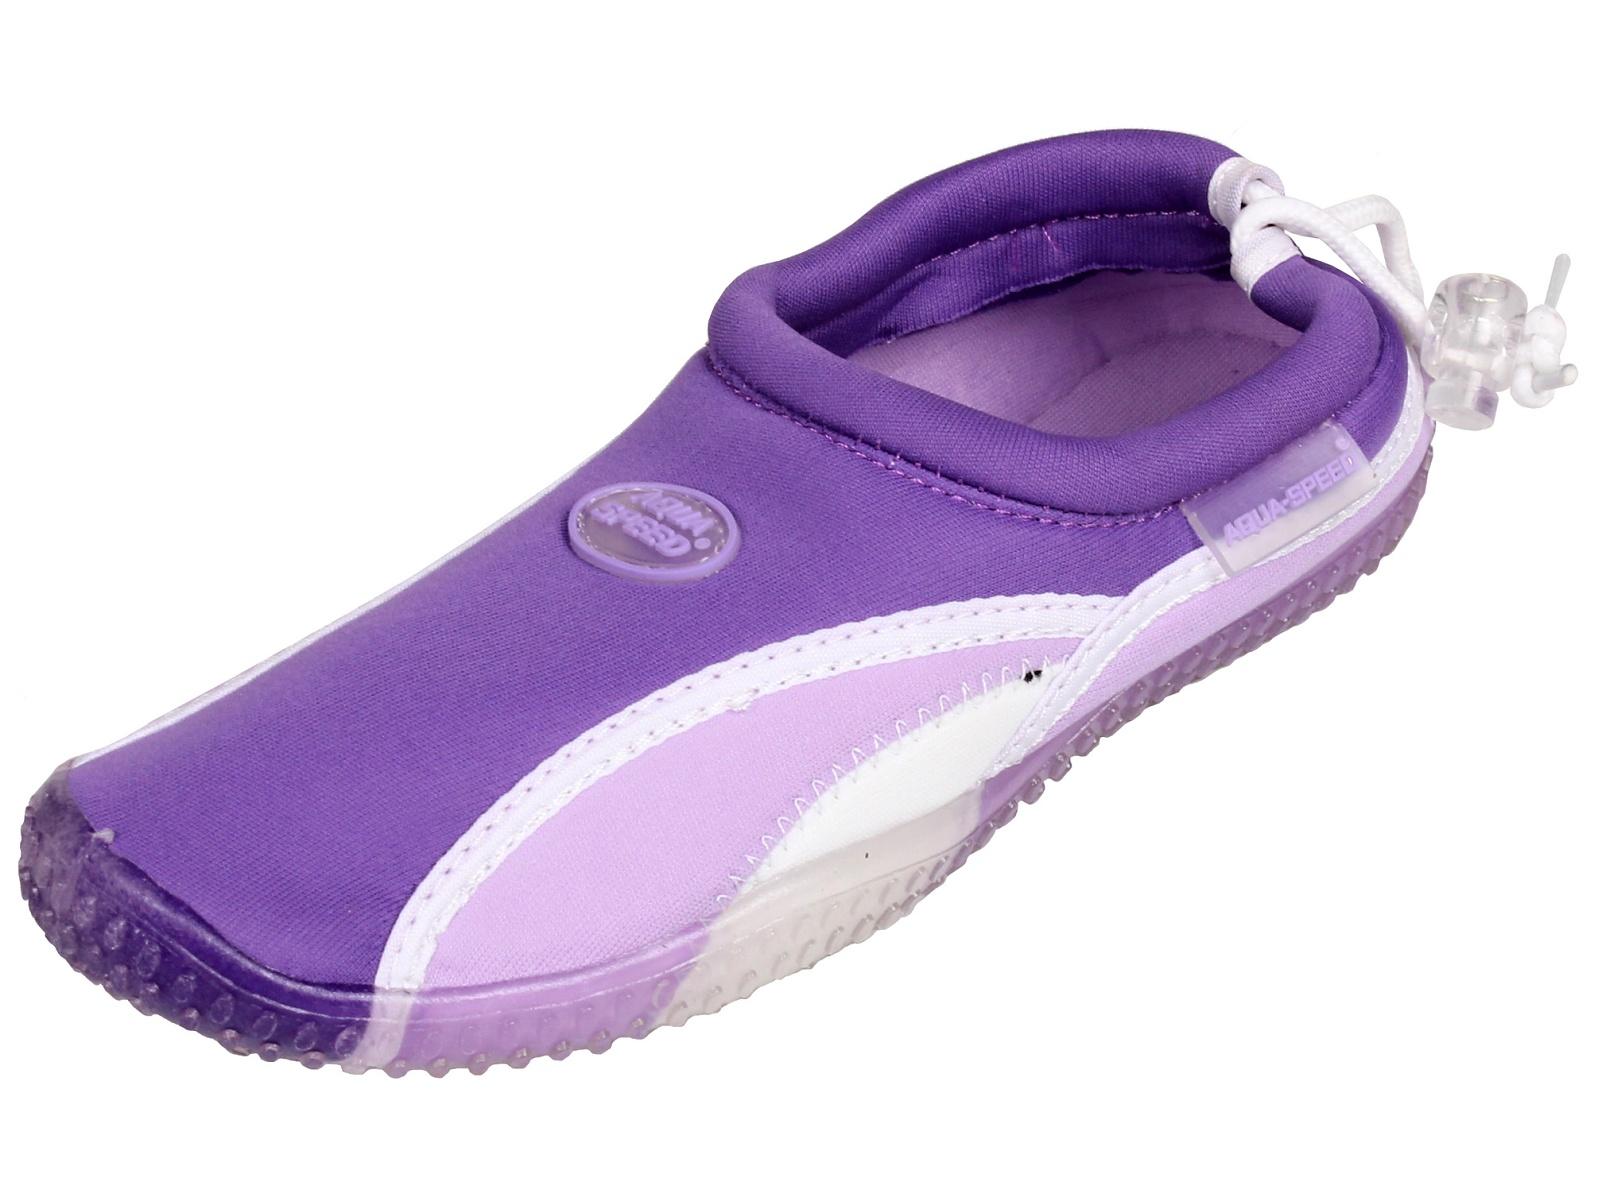 b9bb3405ef65e Topánky do vody AQUA-SPEED 12B fialové - veľ. 36